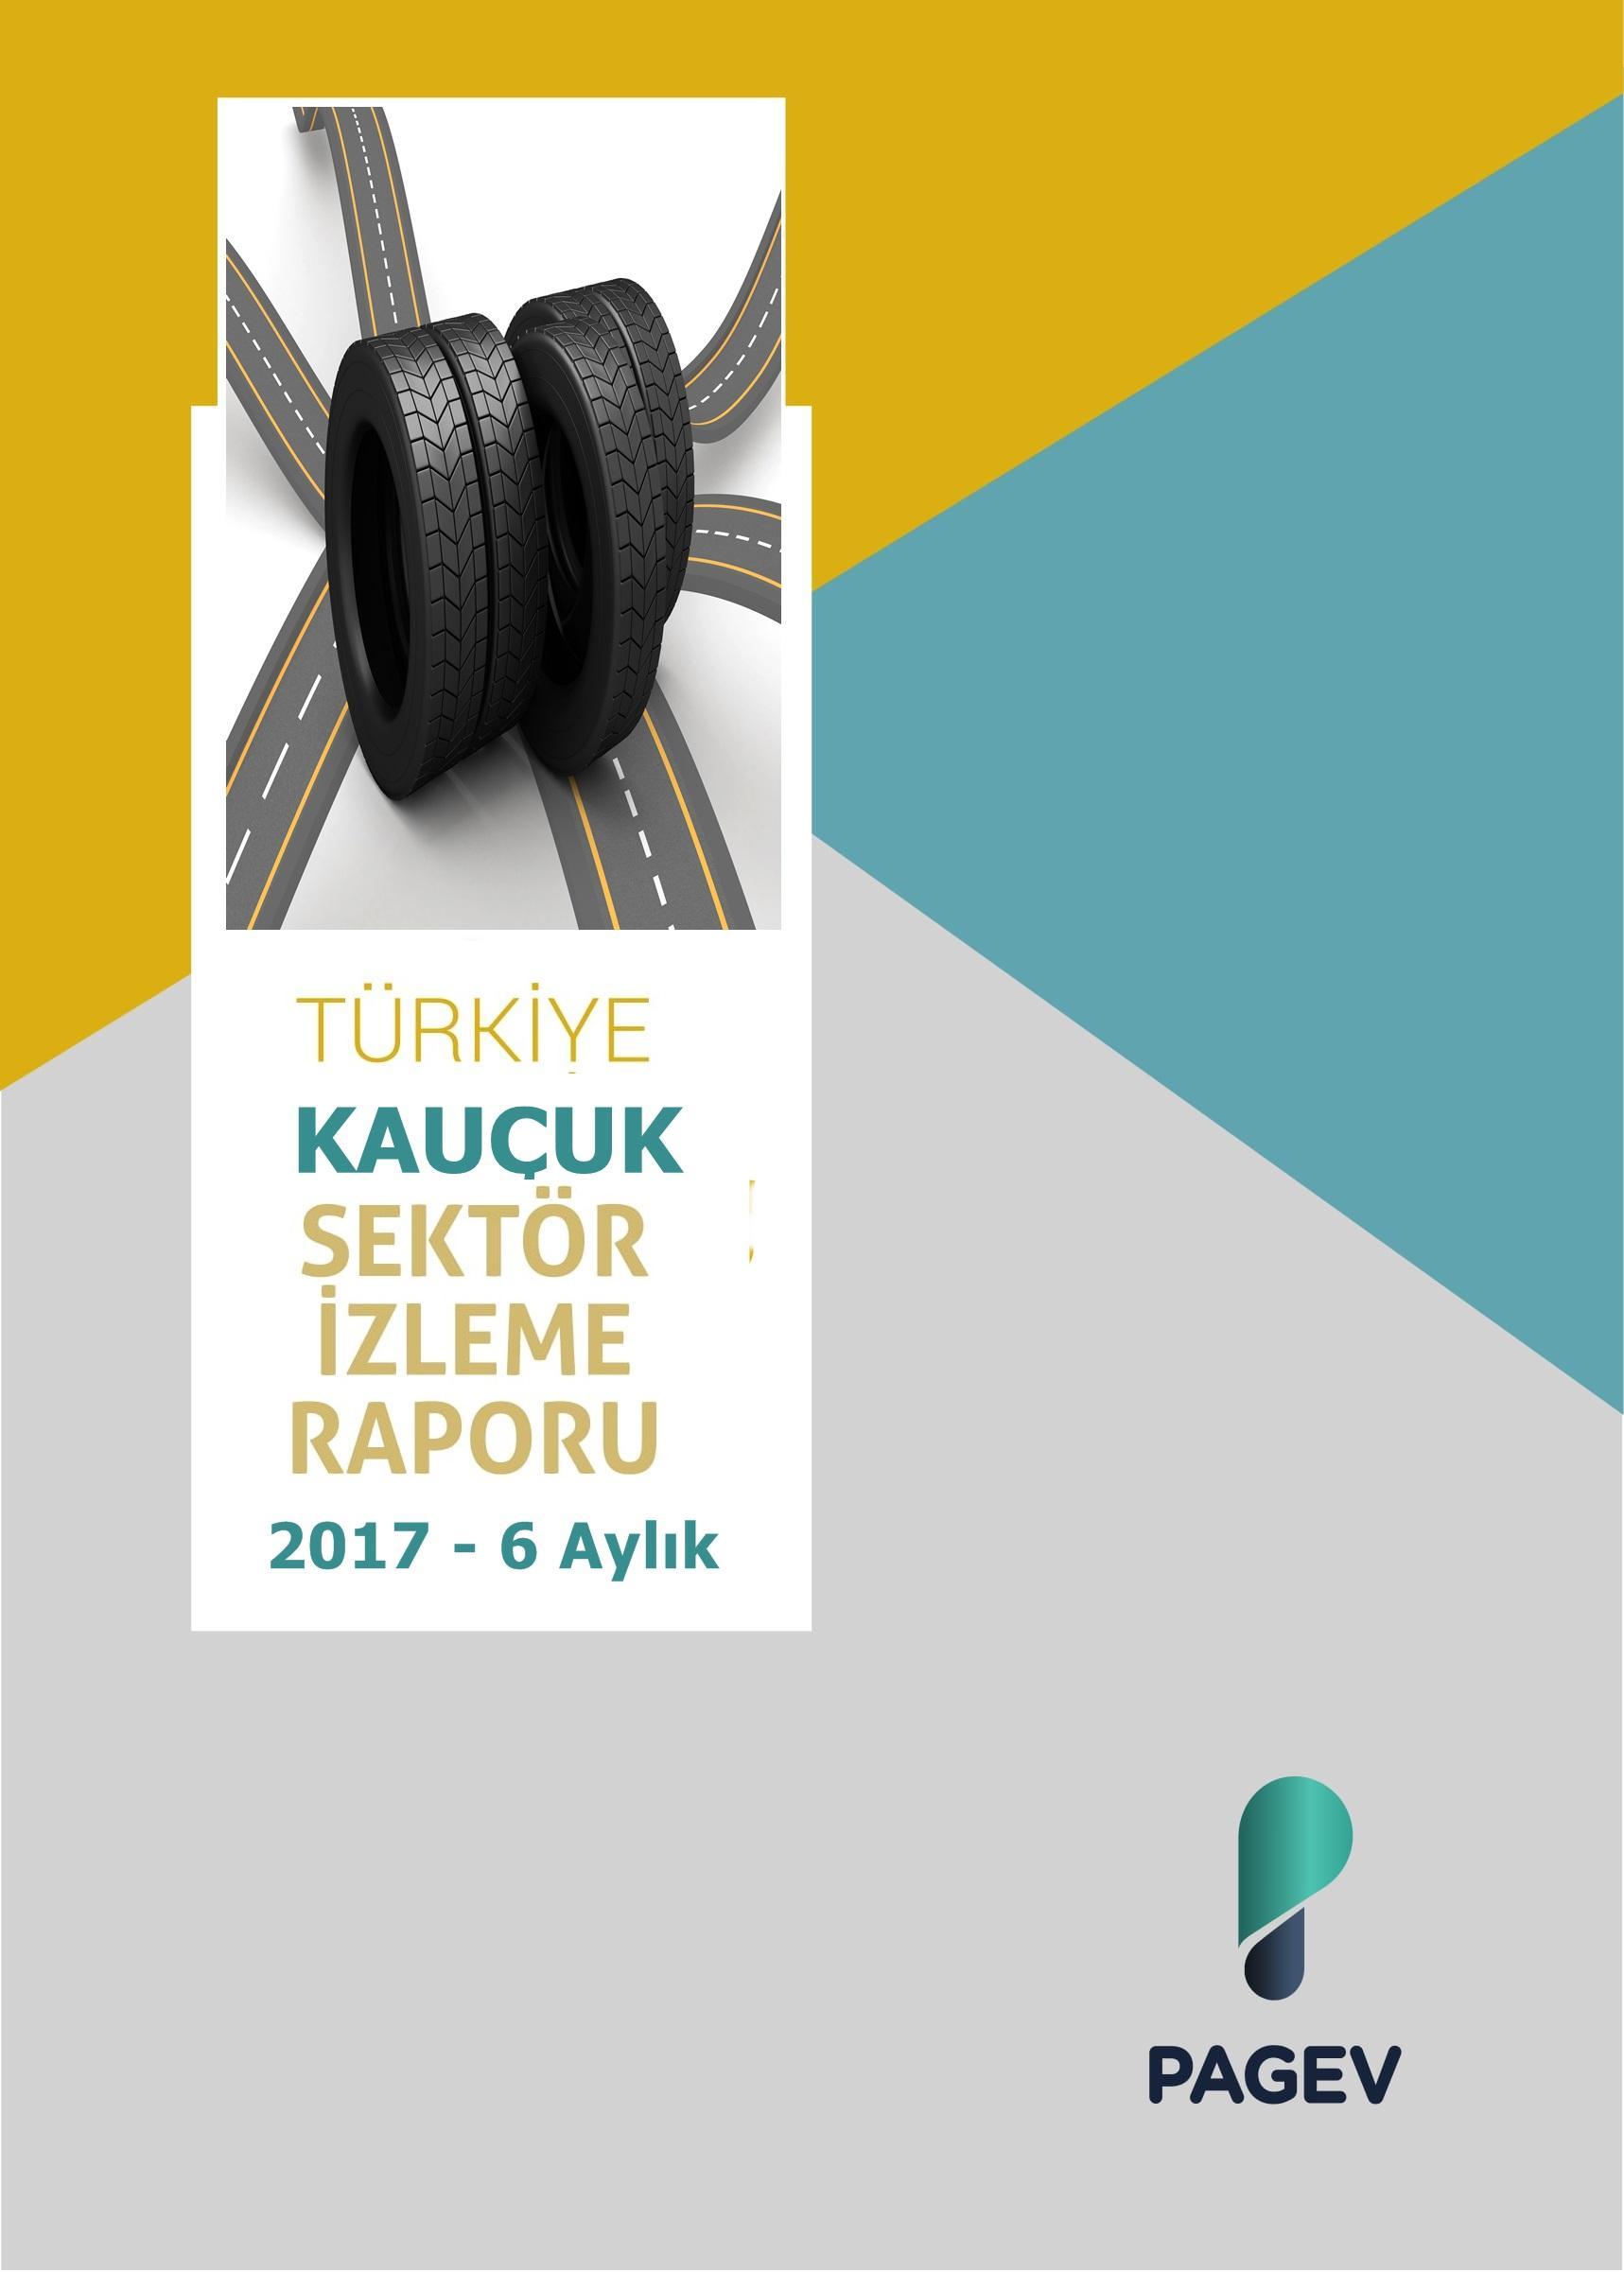 Kauçuk Sektör İzleme Raporu 2017 - 6 Aylık